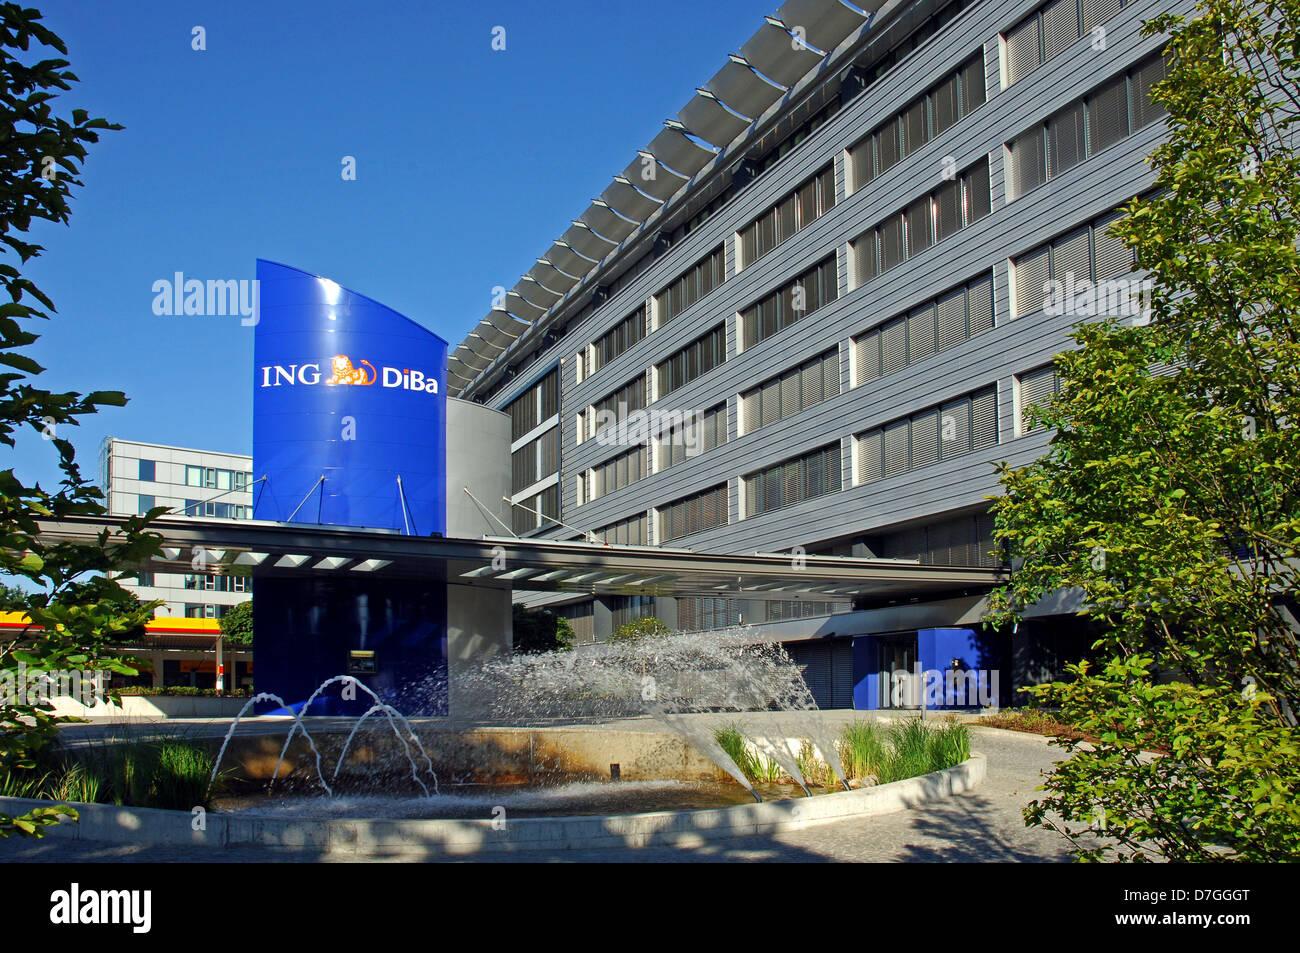 Deutschland, Niedersachsen, Hannover, DiBa Gebäude Stockbild